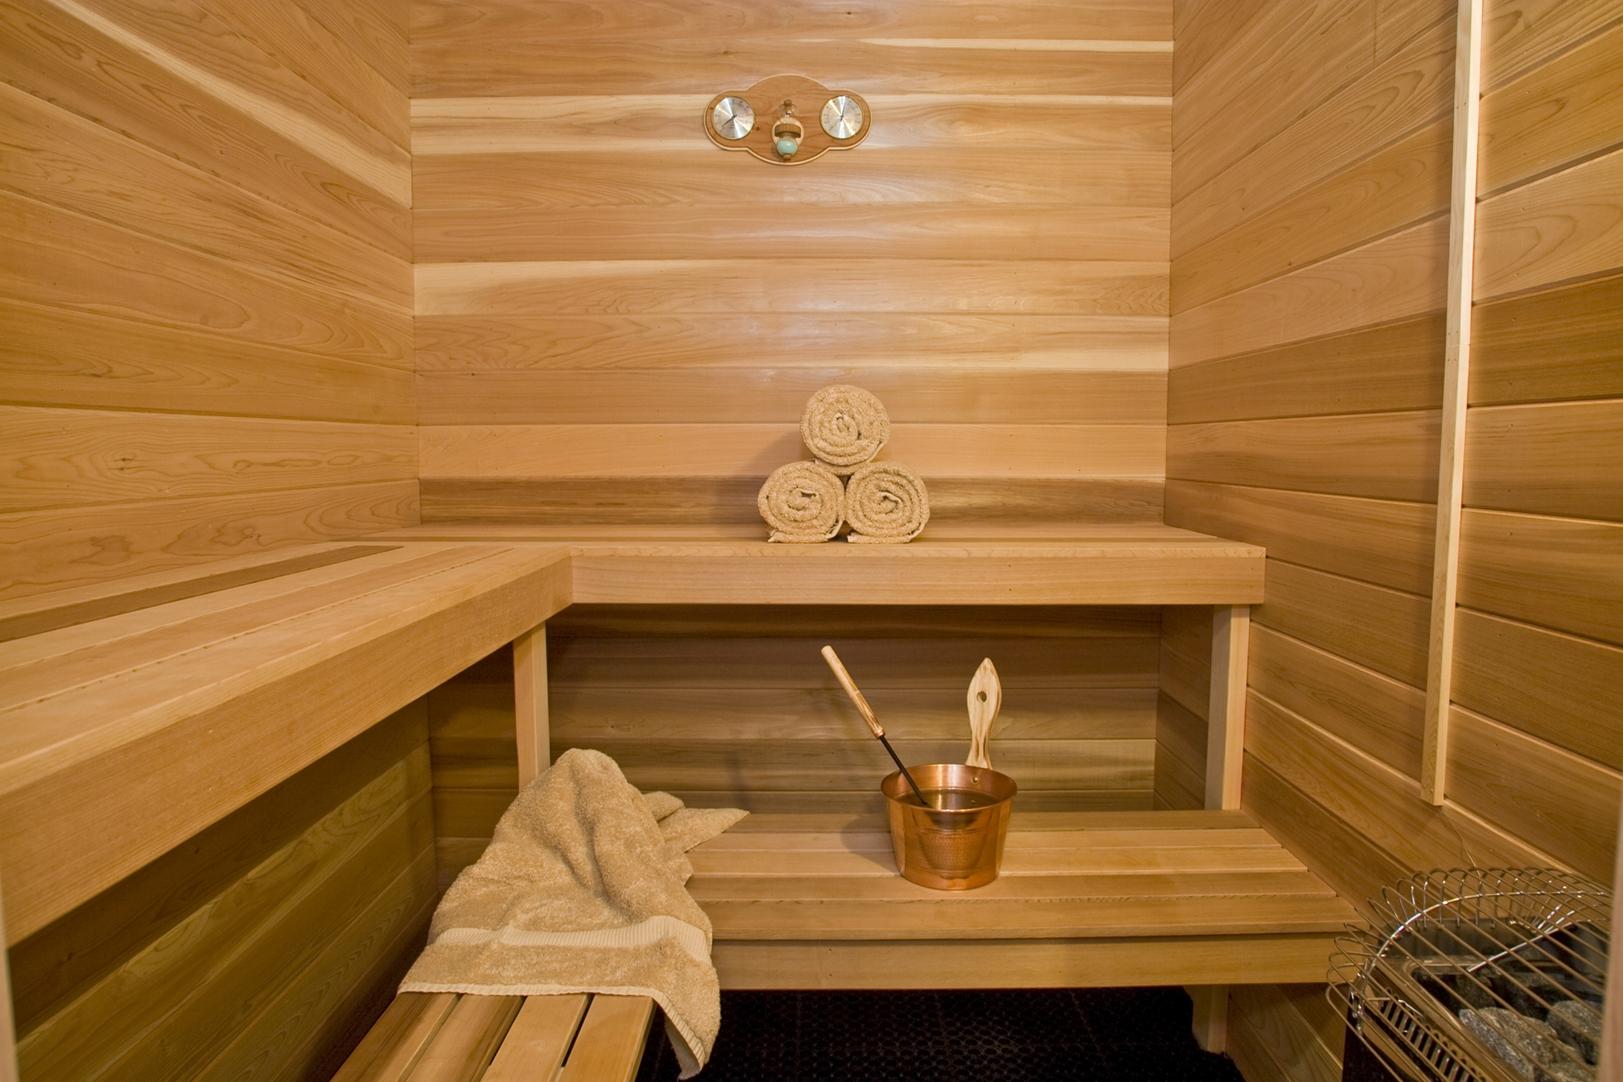 Баня из бруса 4 5 на 5 обладает экологически чистой парилкой